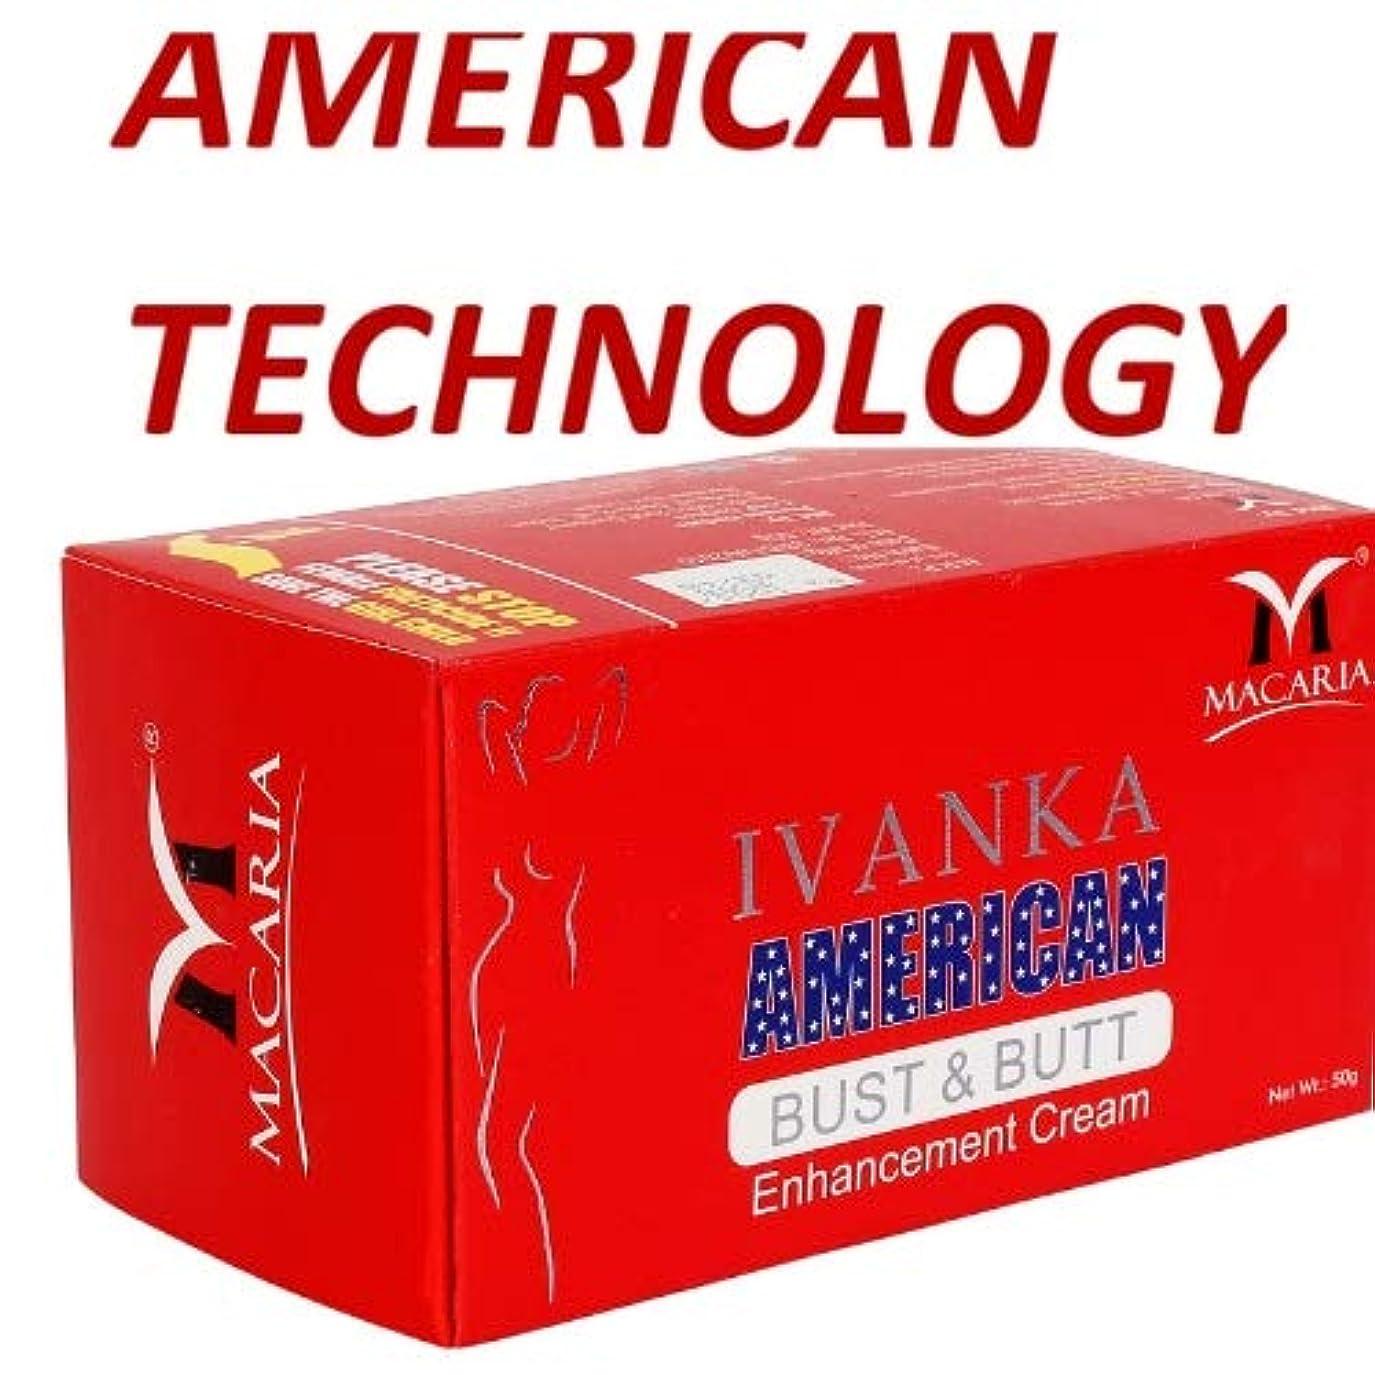 おもちゃ解任どちらかSEXY FIGURE CREAM WITH AMERCIAN TECHNOLOGY